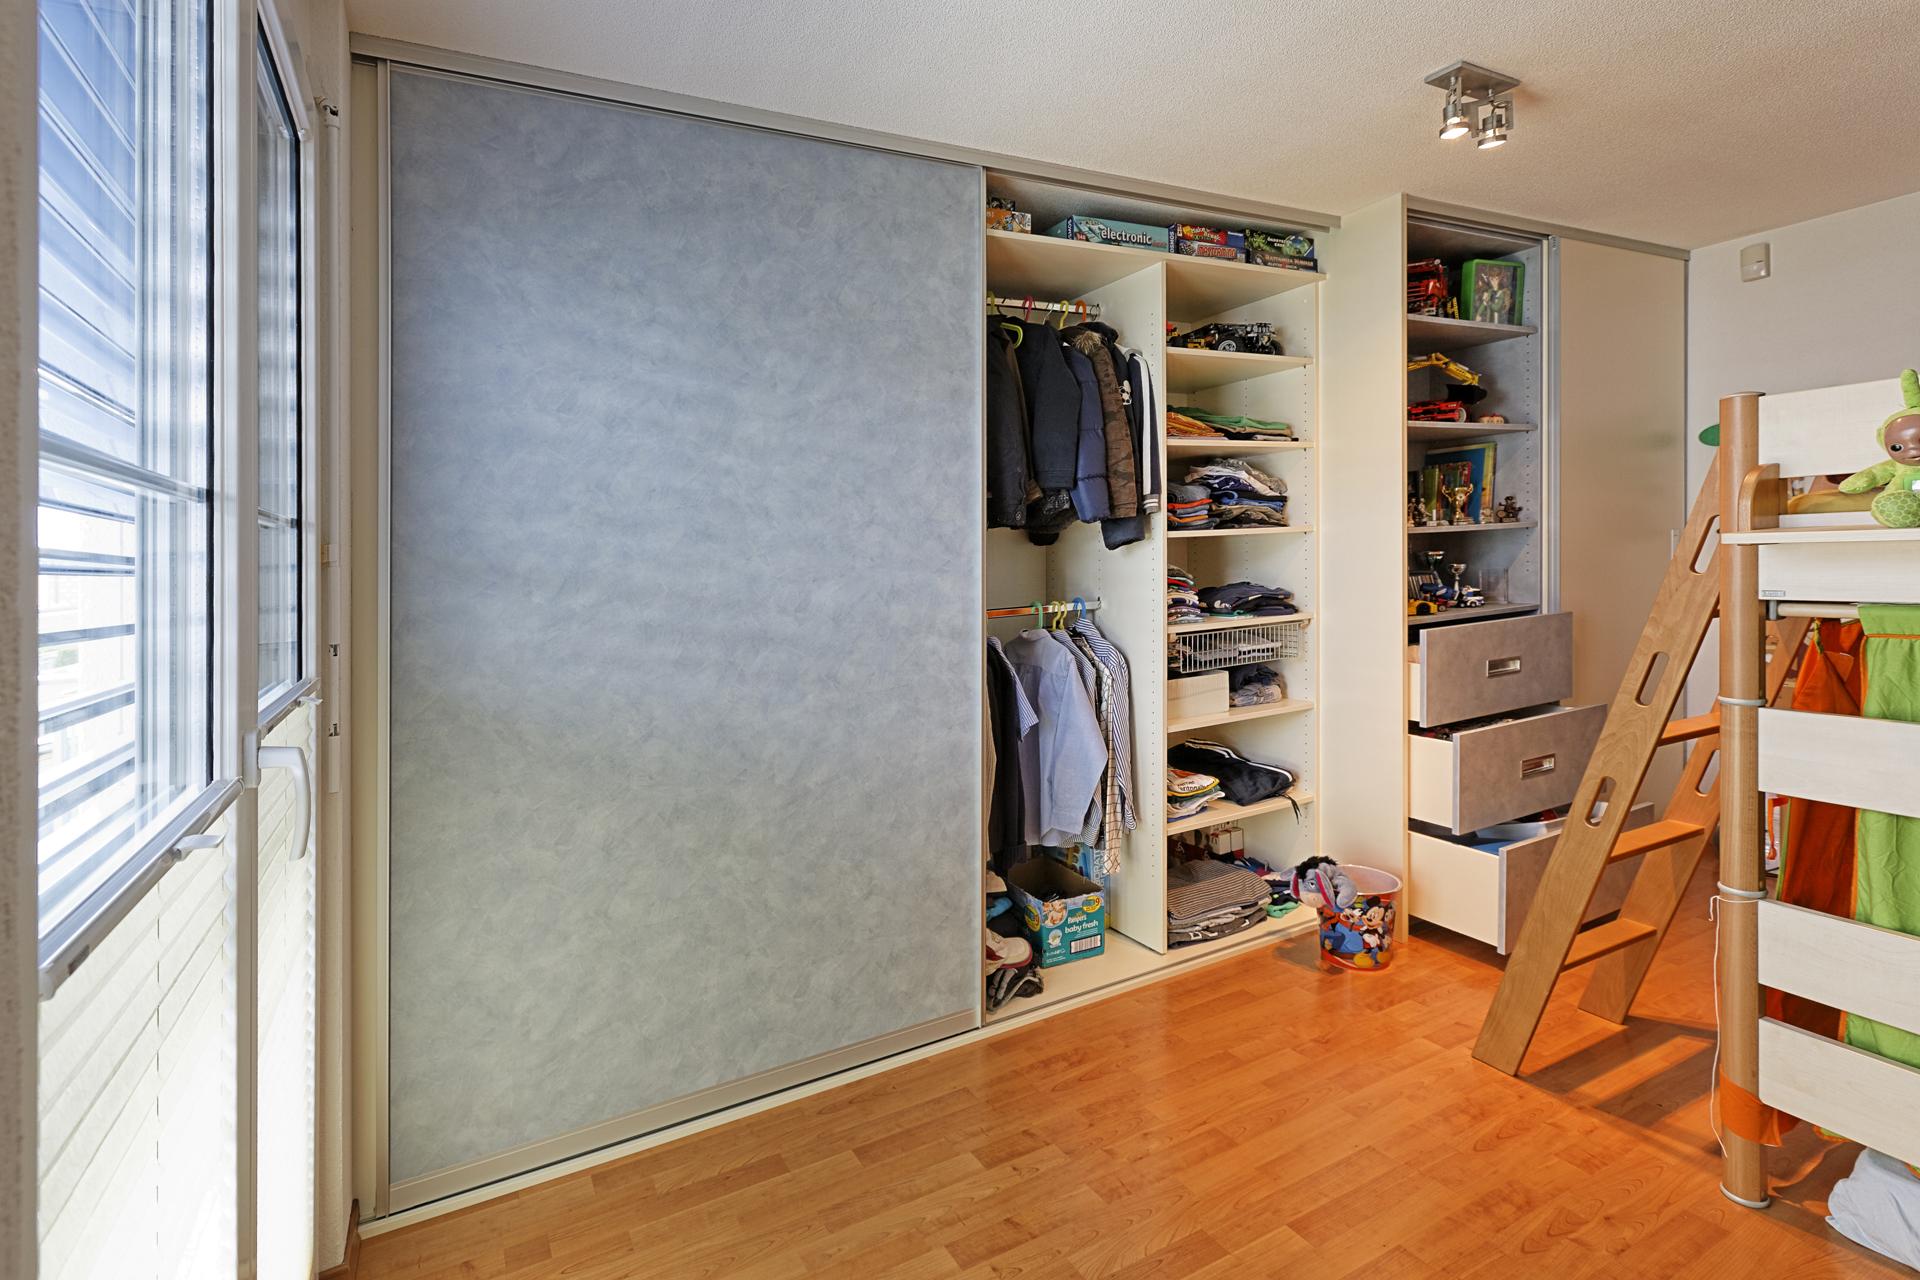 schiebet ren schrankfront im kinderzimmer in farbigem dekor auf zu. Black Bedroom Furniture Sets. Home Design Ideas